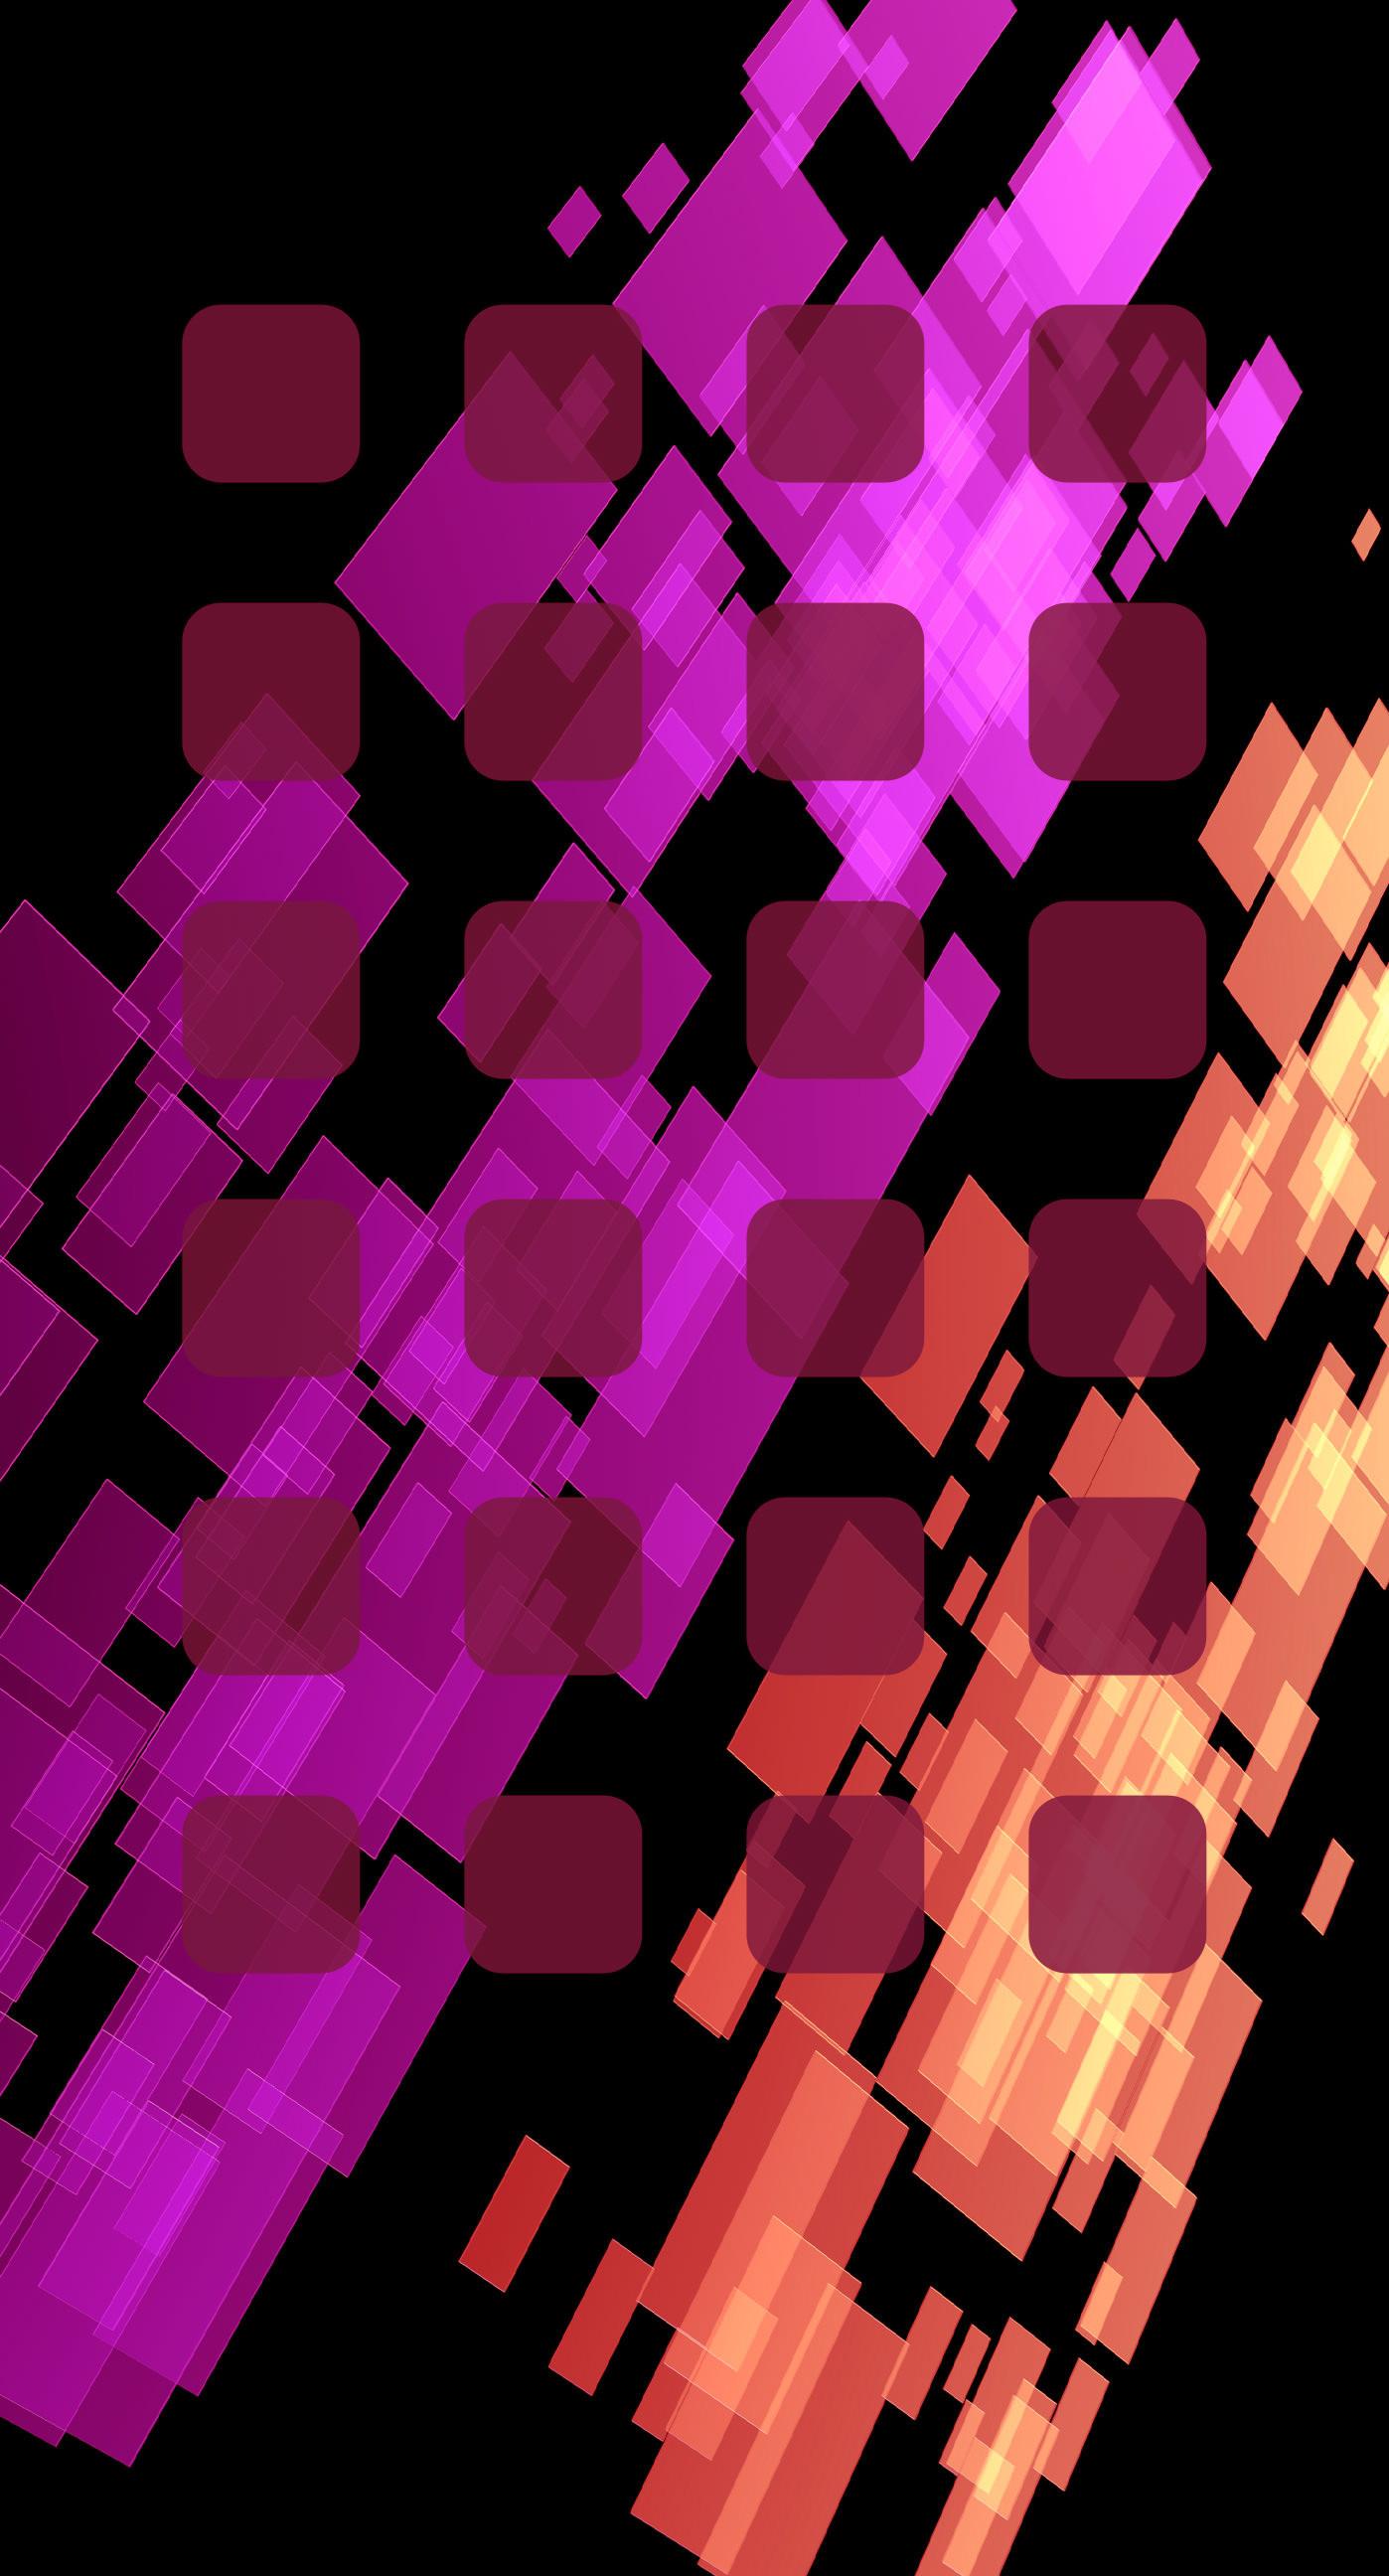 coolpurpleredshelf. iPhone 7 Plus Wallpaper